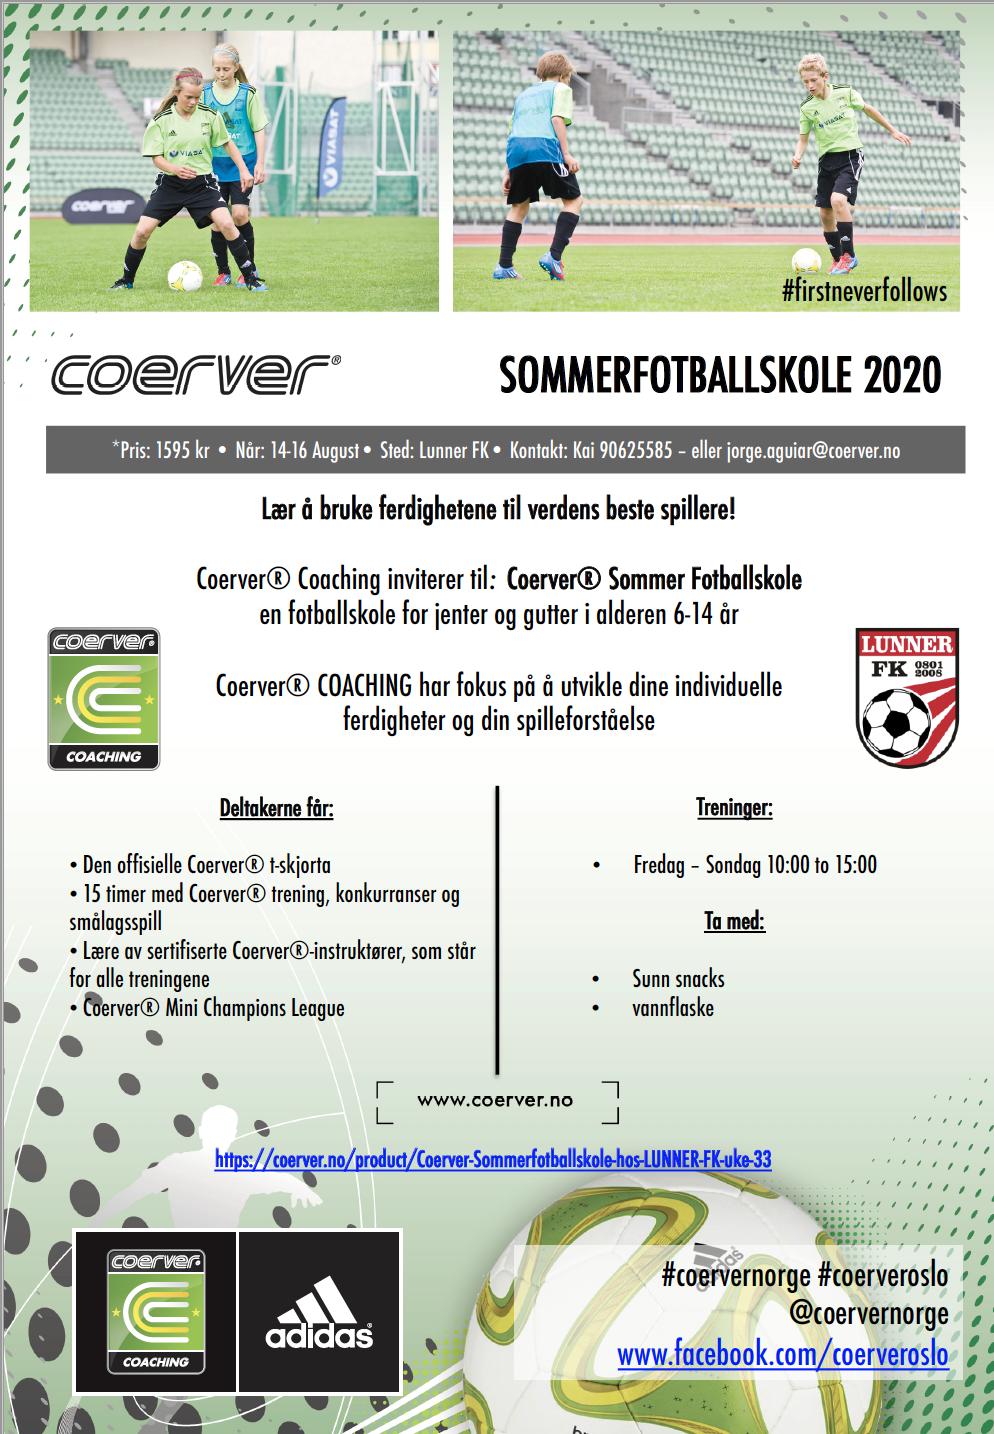 Coerver Sommerfotballskole i Lunner FK 2020